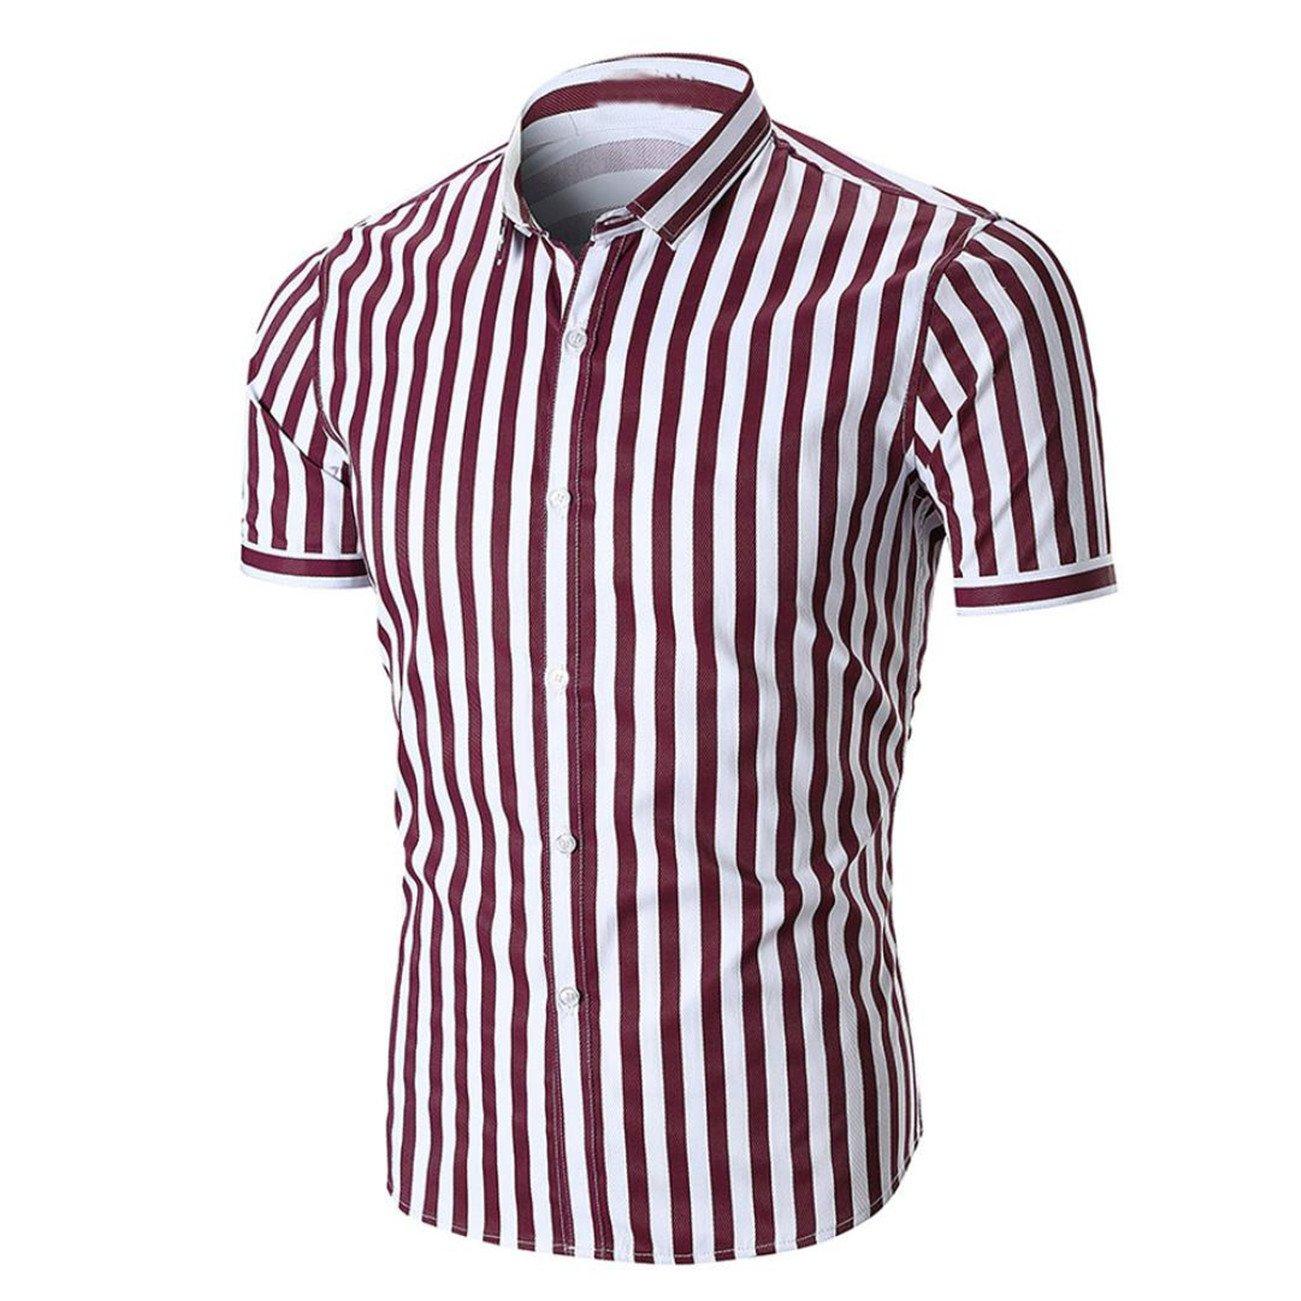 Chemises Homme Chemises BoutonnéEs Chemises Bureau Chemise à Manches Courtes RayéE D'éTé pour Hommes HCFKJ - MS